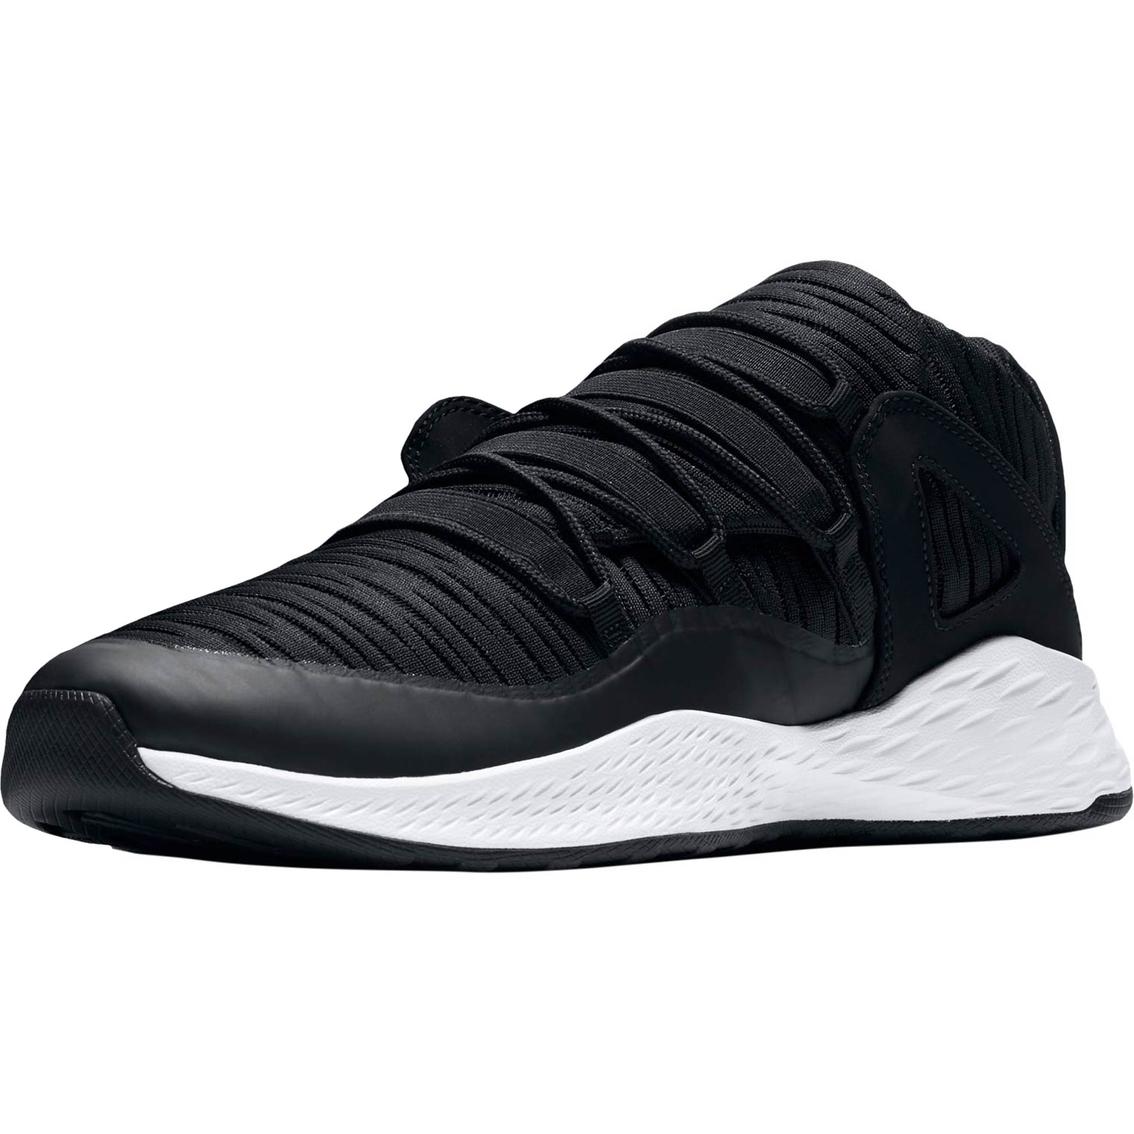 best service 61546 4d4ce Jordan Men s Formula 23 Low Shoes